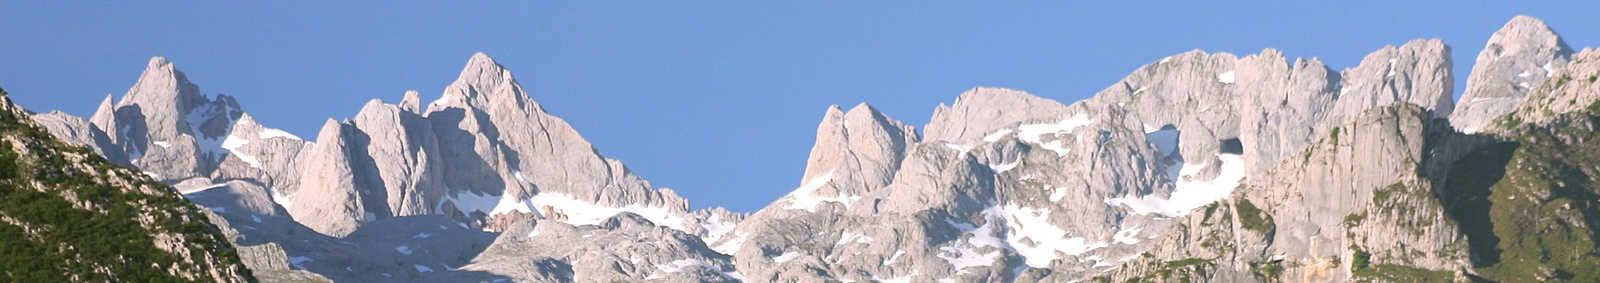 Picos de Europa, Spain